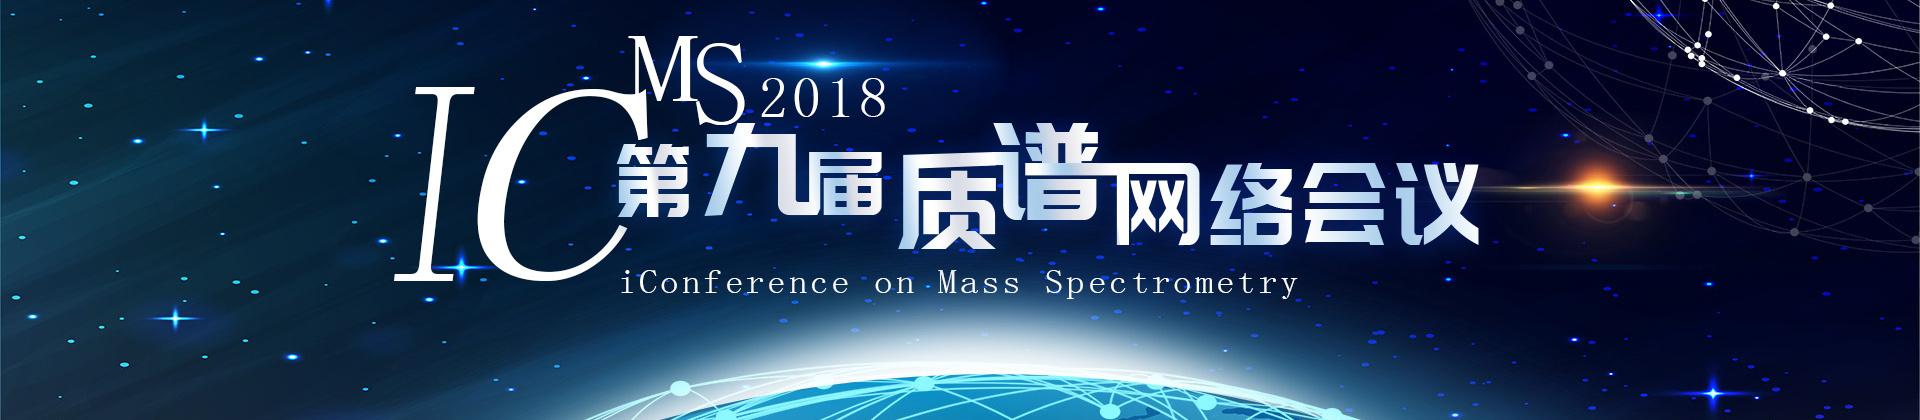 iCMS2018